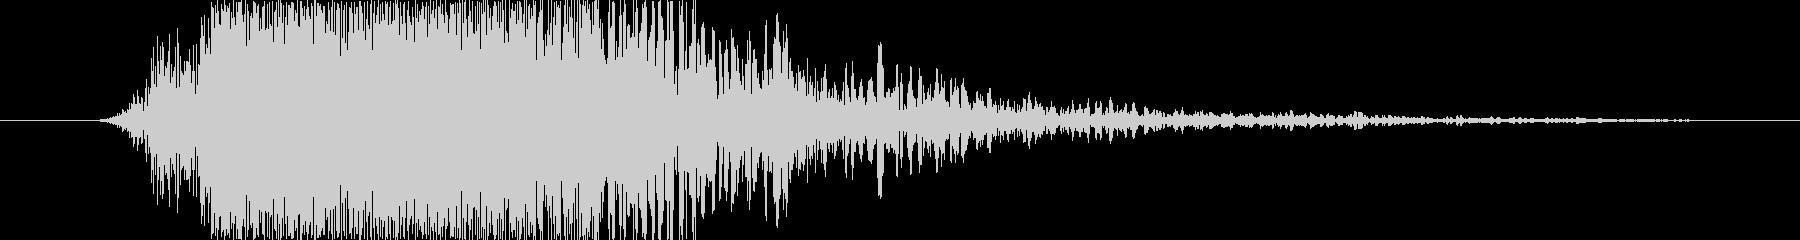 衝撃 ワム14の未再生の波形